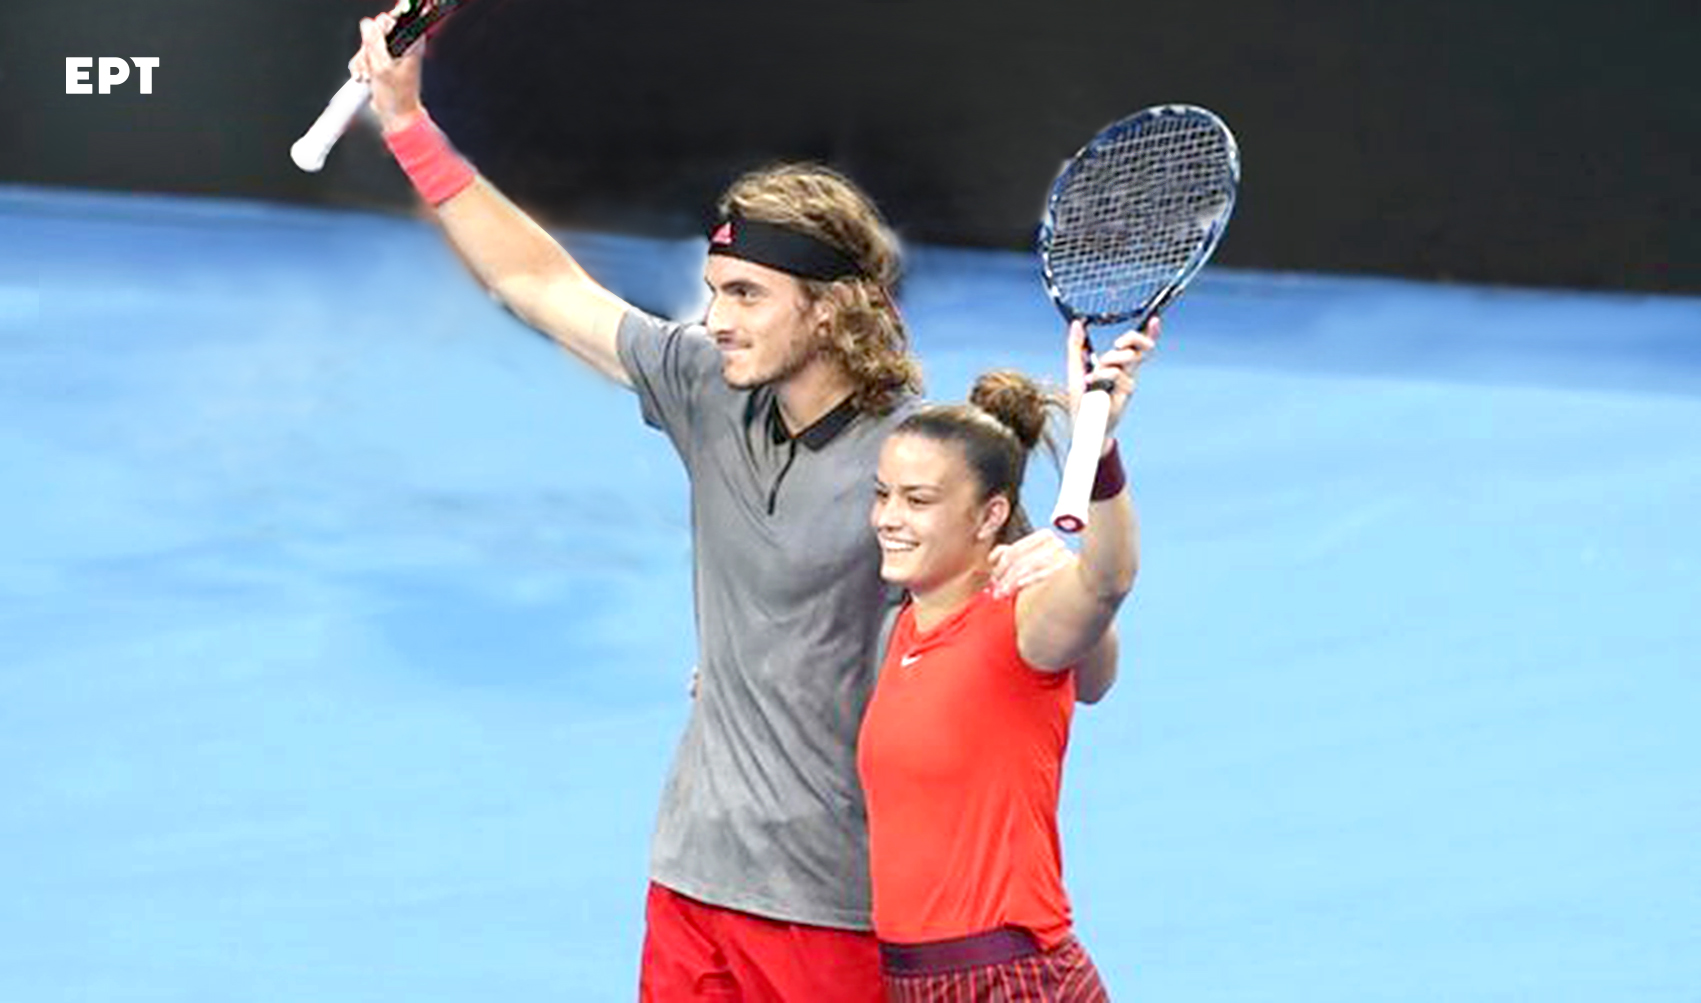 Η ΕΡΤ θα μεταδώσει όλους τους αγώνες του Roland Garros